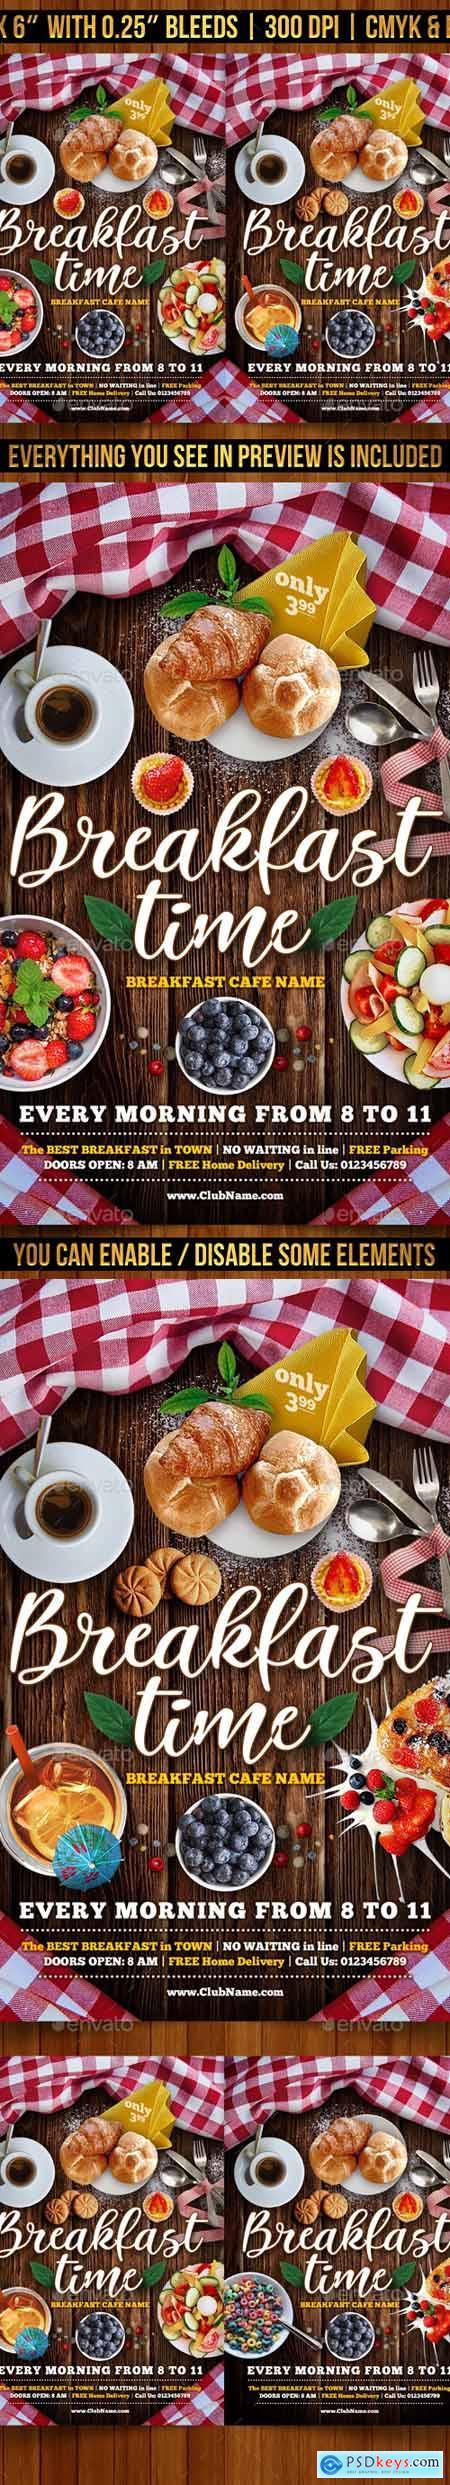 Breakfast Time Flyer Template 23441845